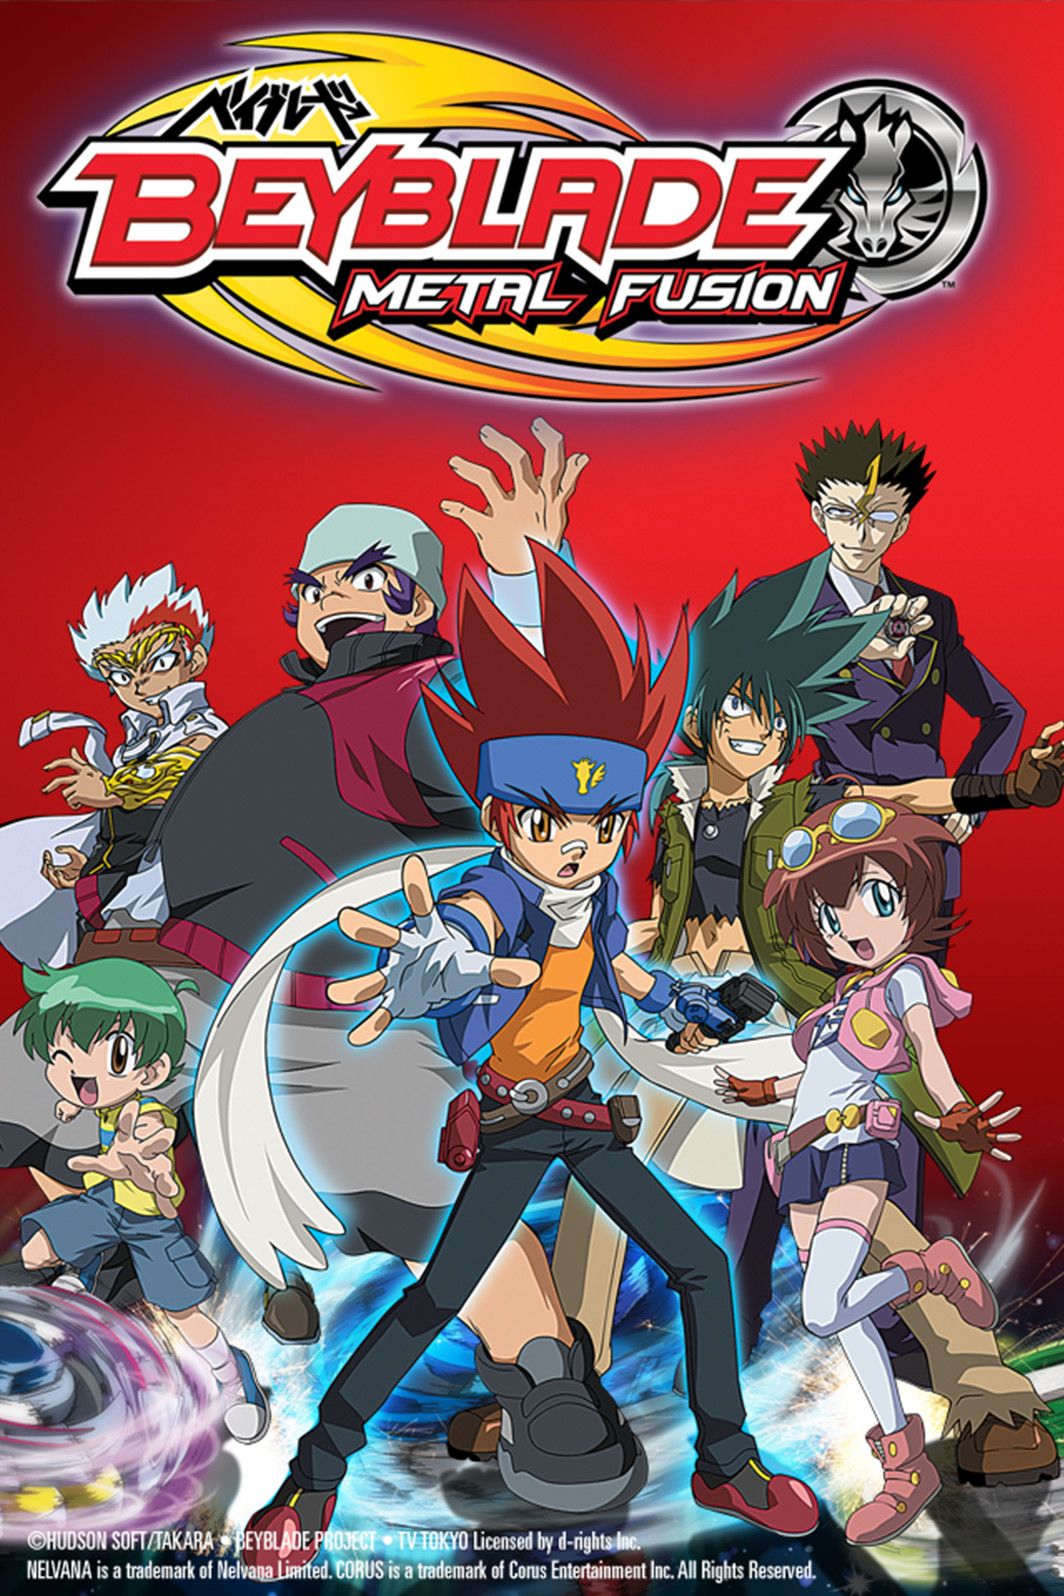 Beyblade: Metal Fusion - Watch on Crunchyroll